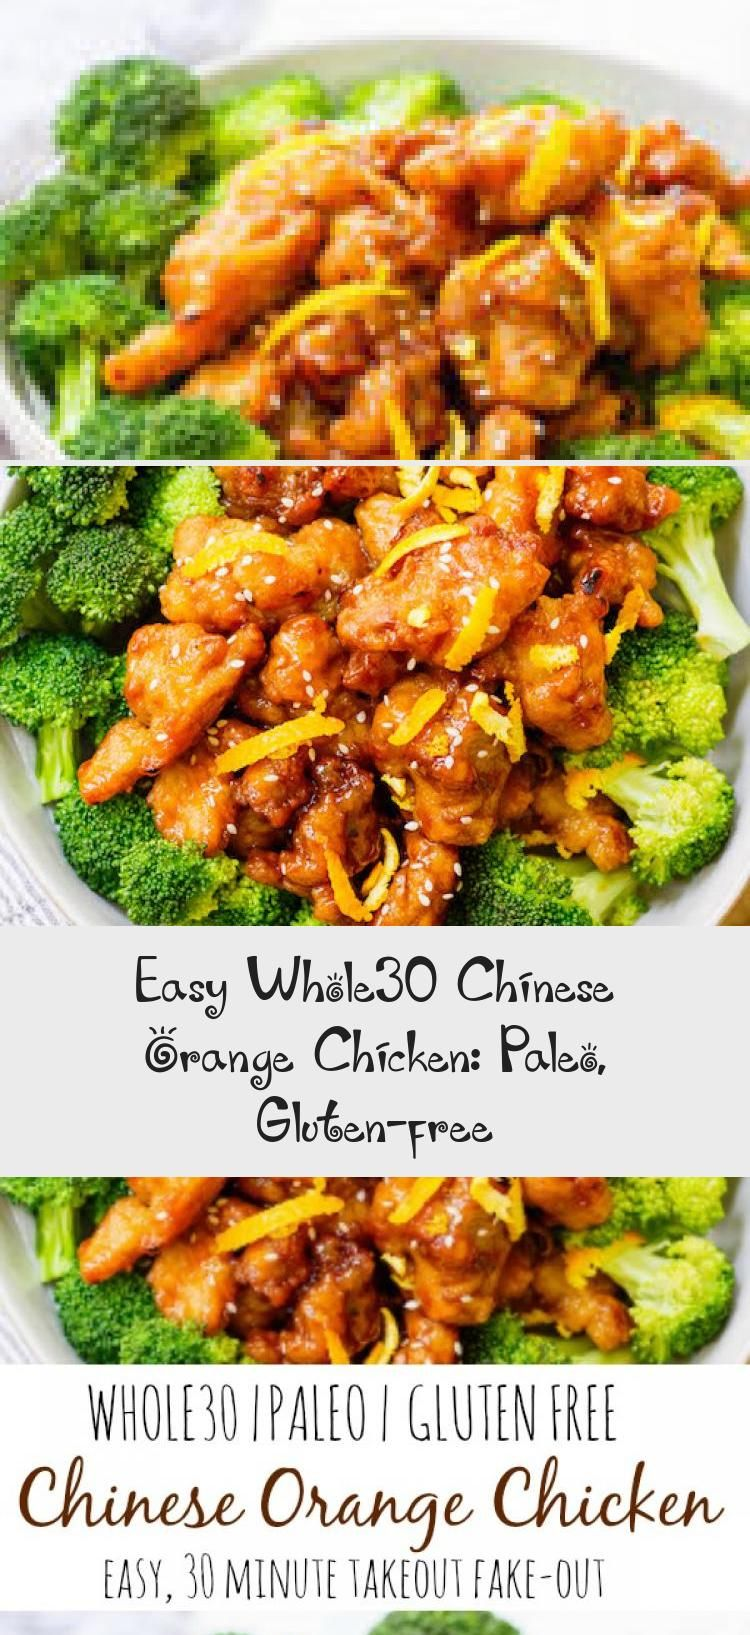 Easy Whole30 Chinese Orange Chicken Paleo Gluten Free Chinese Orange Chicken Orange Chicken Whole 30 Chicken Recipes